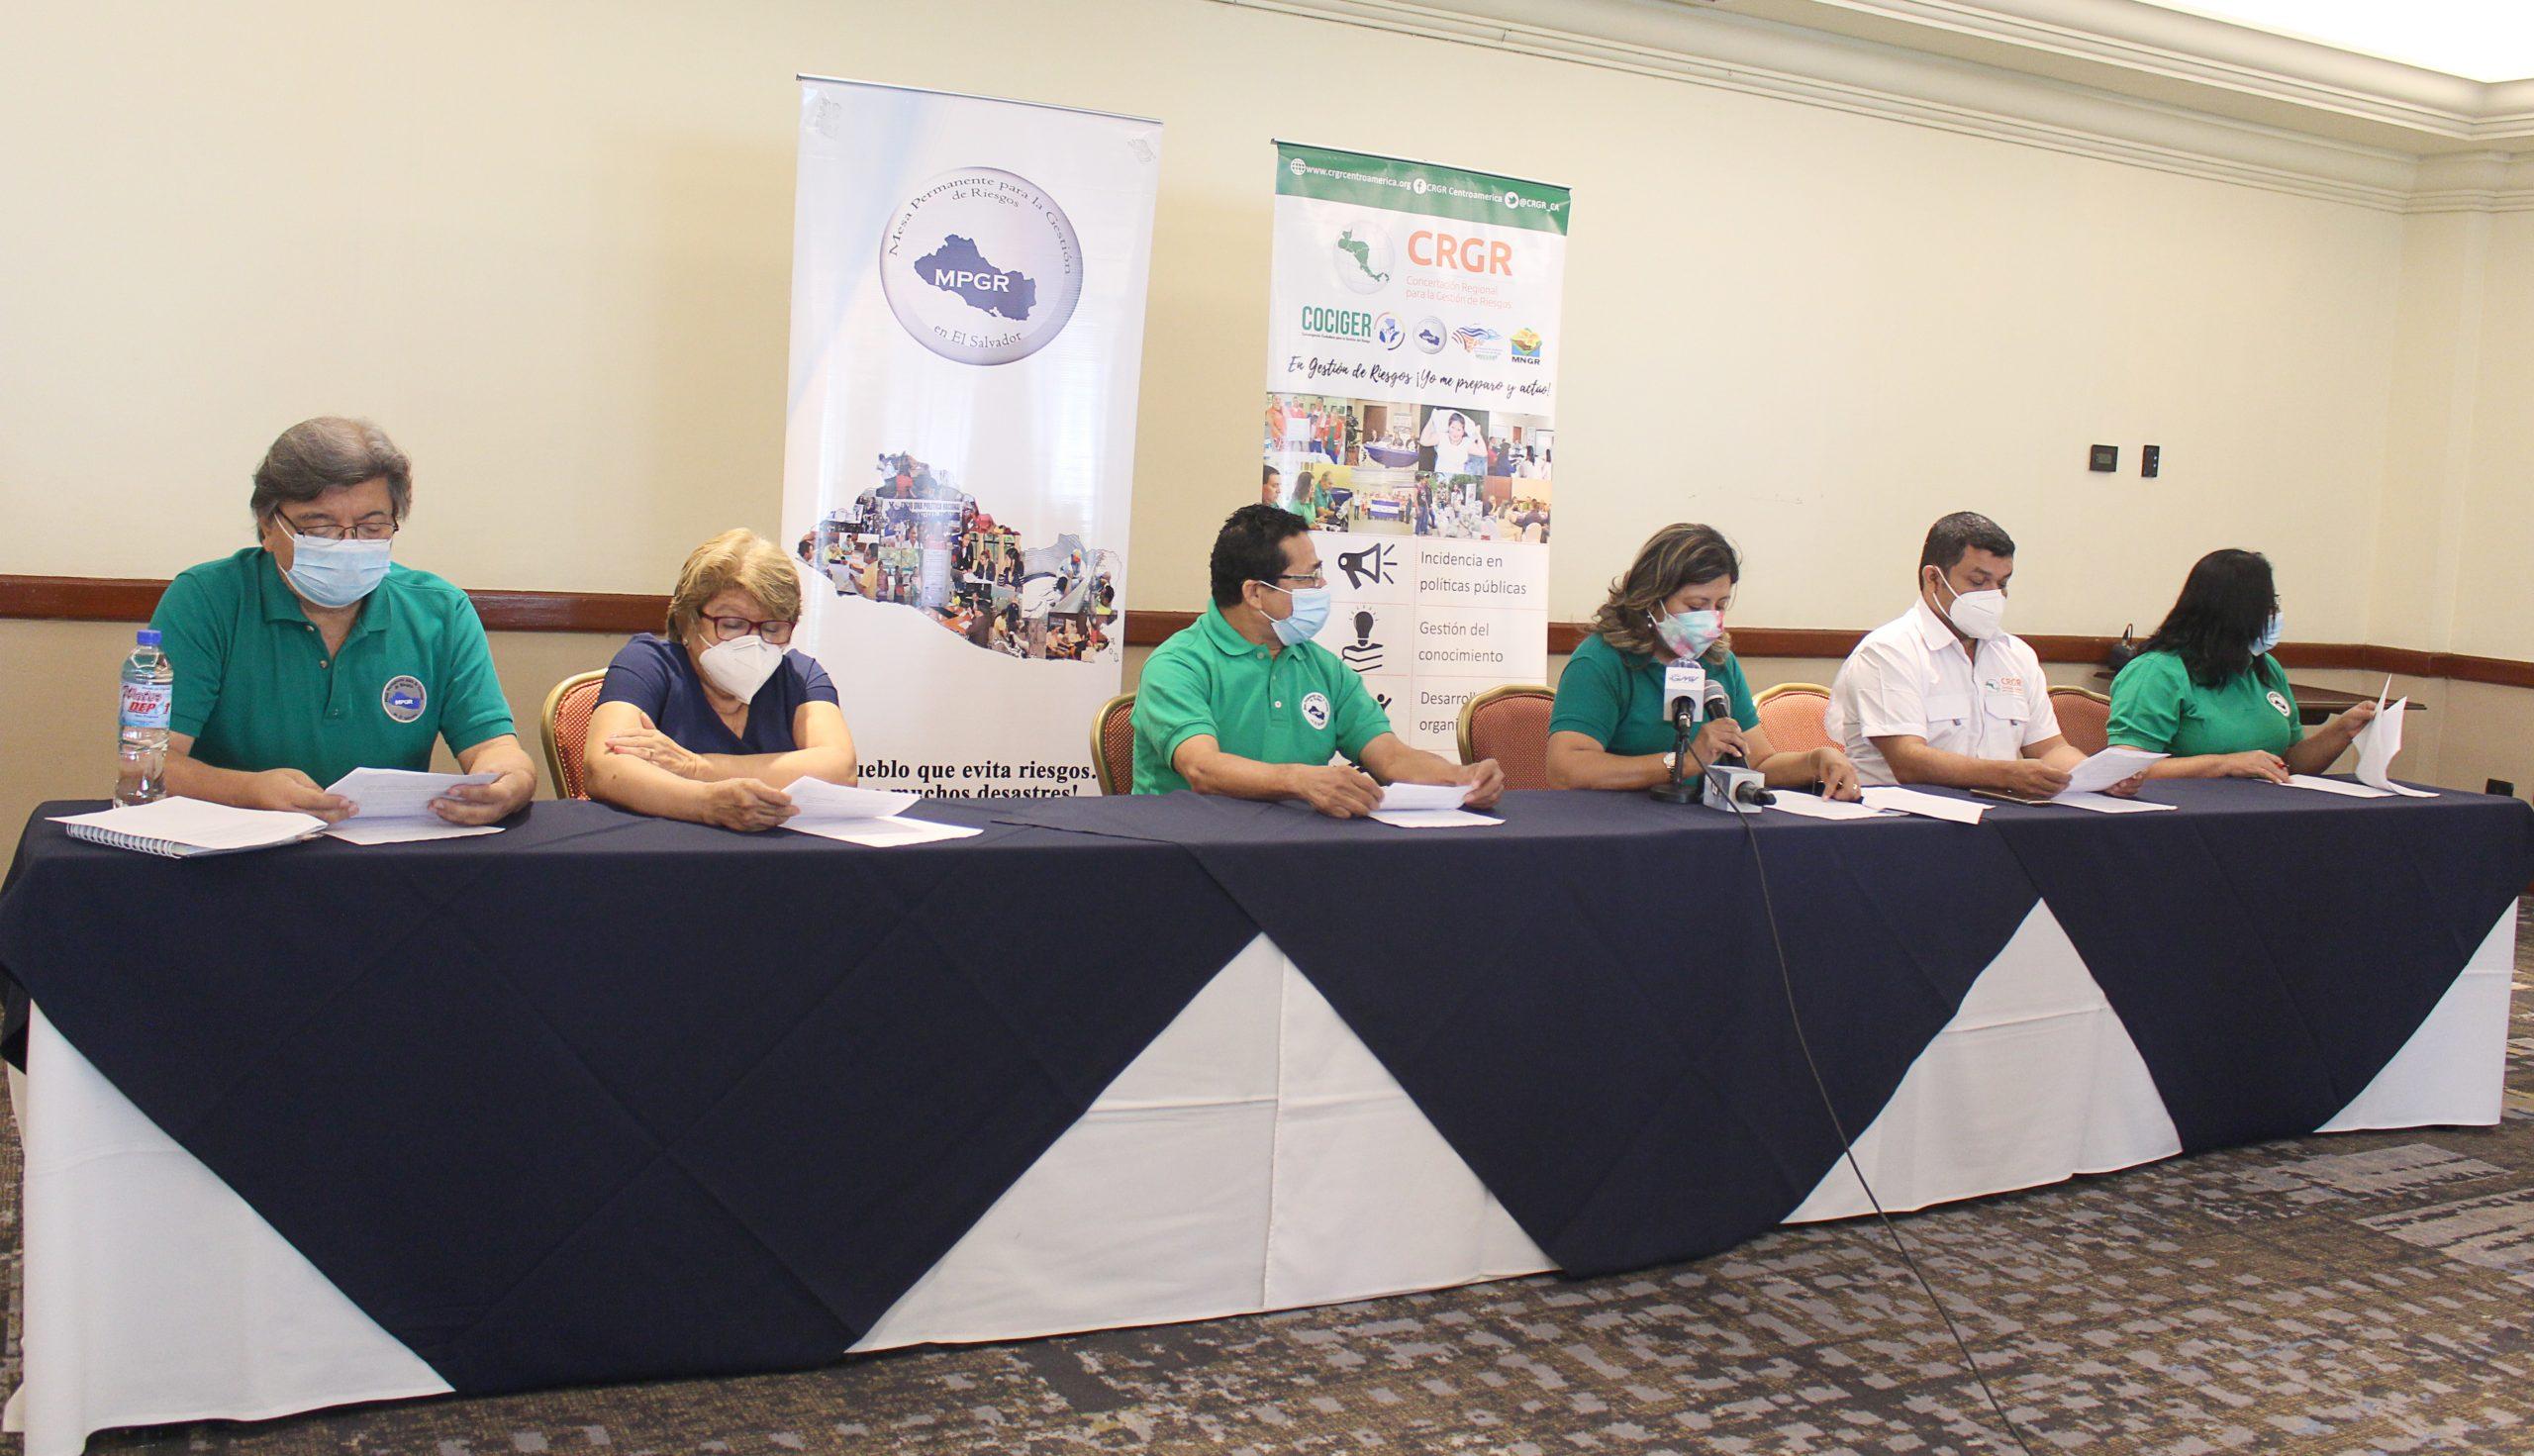 La MPGR y CRGR se  pronuncian en el marco del Día Internacional para la Reducción del Riesgo de Desastres